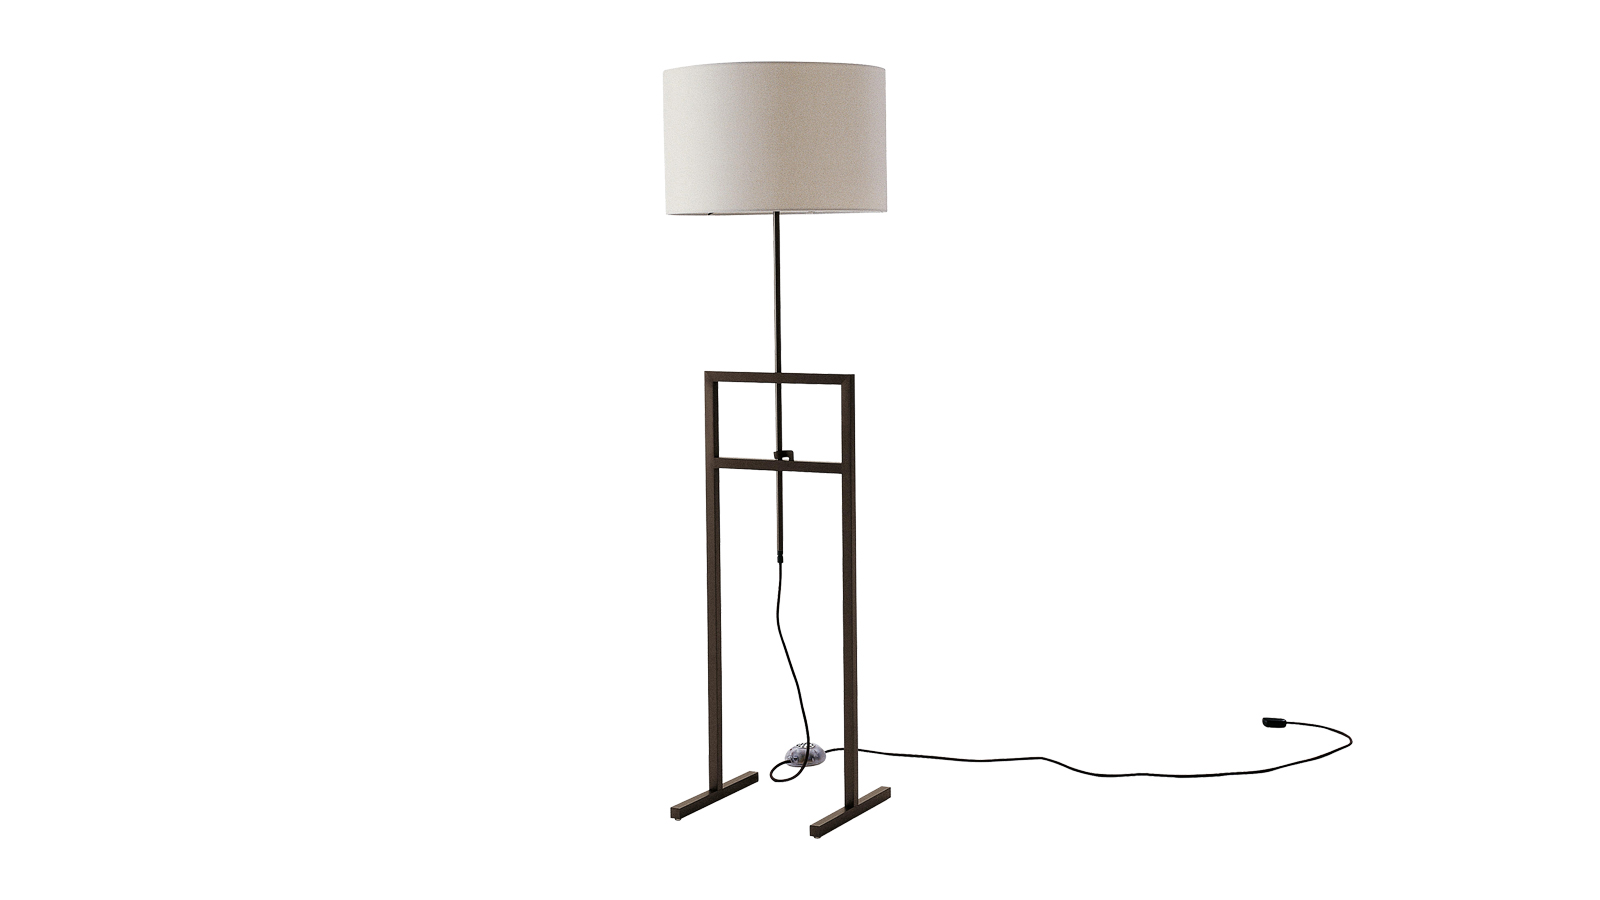 A Leukon lámpacsalád elegáns, modern enteriőrökbe illik igazán, egyszerű, sötét bronz vagy króm színben választható vázszerkezeteivel, téglatest és henger formájú búráival. Ha ezt a termékcsaládot választjuk, könnyű dolgunk van, hiszen Antonio Citterio kétféle álló-, két asztali, két mennyezeti és egy falilámpát tervezett. A búrák ernyői rendelhetők bézs vagy sötétbarna textillel, illetve fehér pergamennel, melyek alsó és felső síkját egy üveglap zárja.